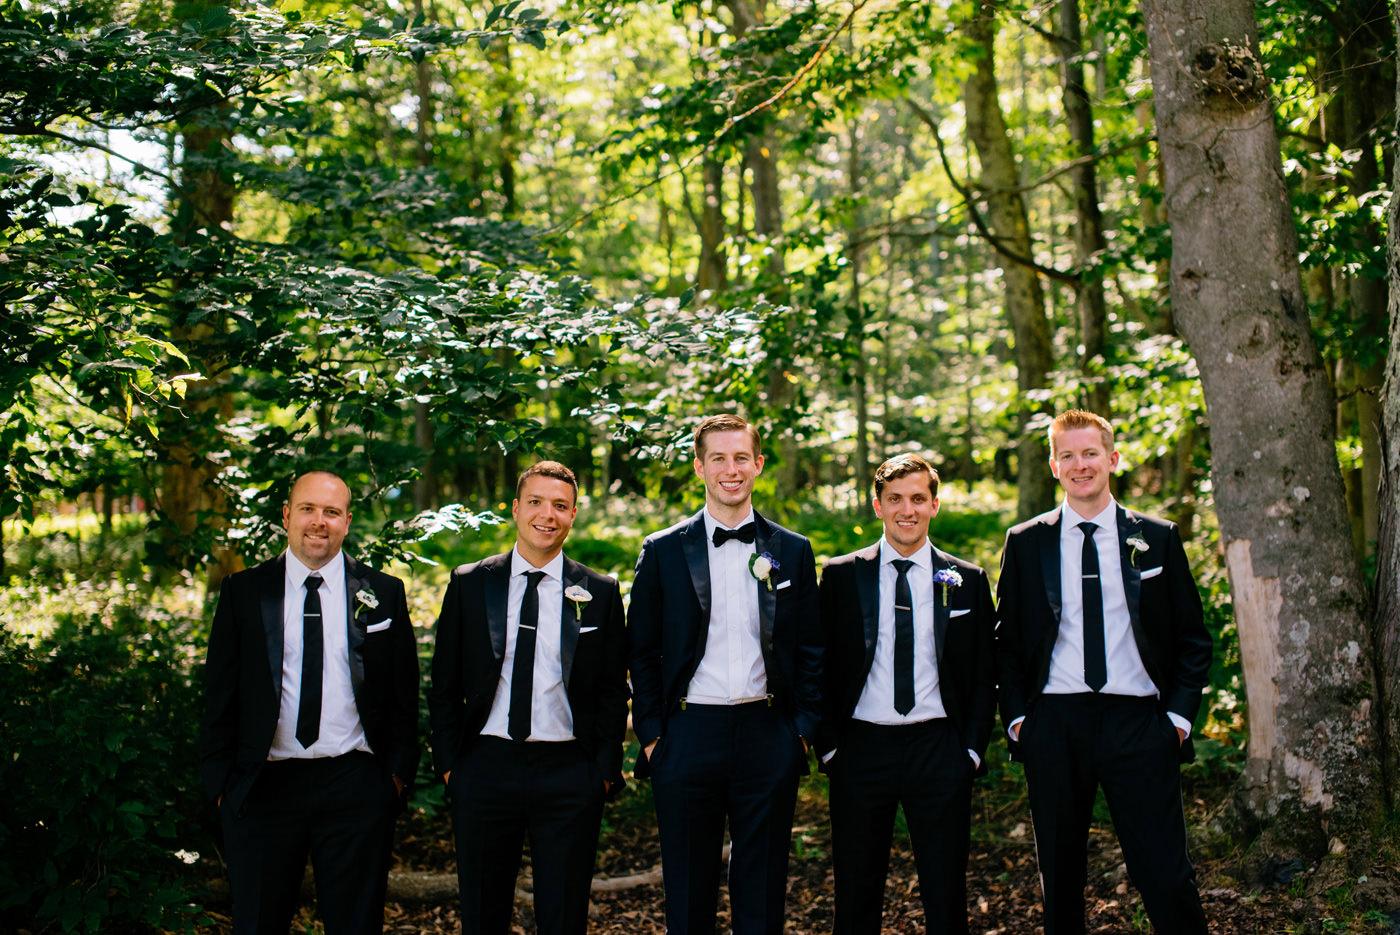 wv groomsmen canaan valley timberline wedding photos